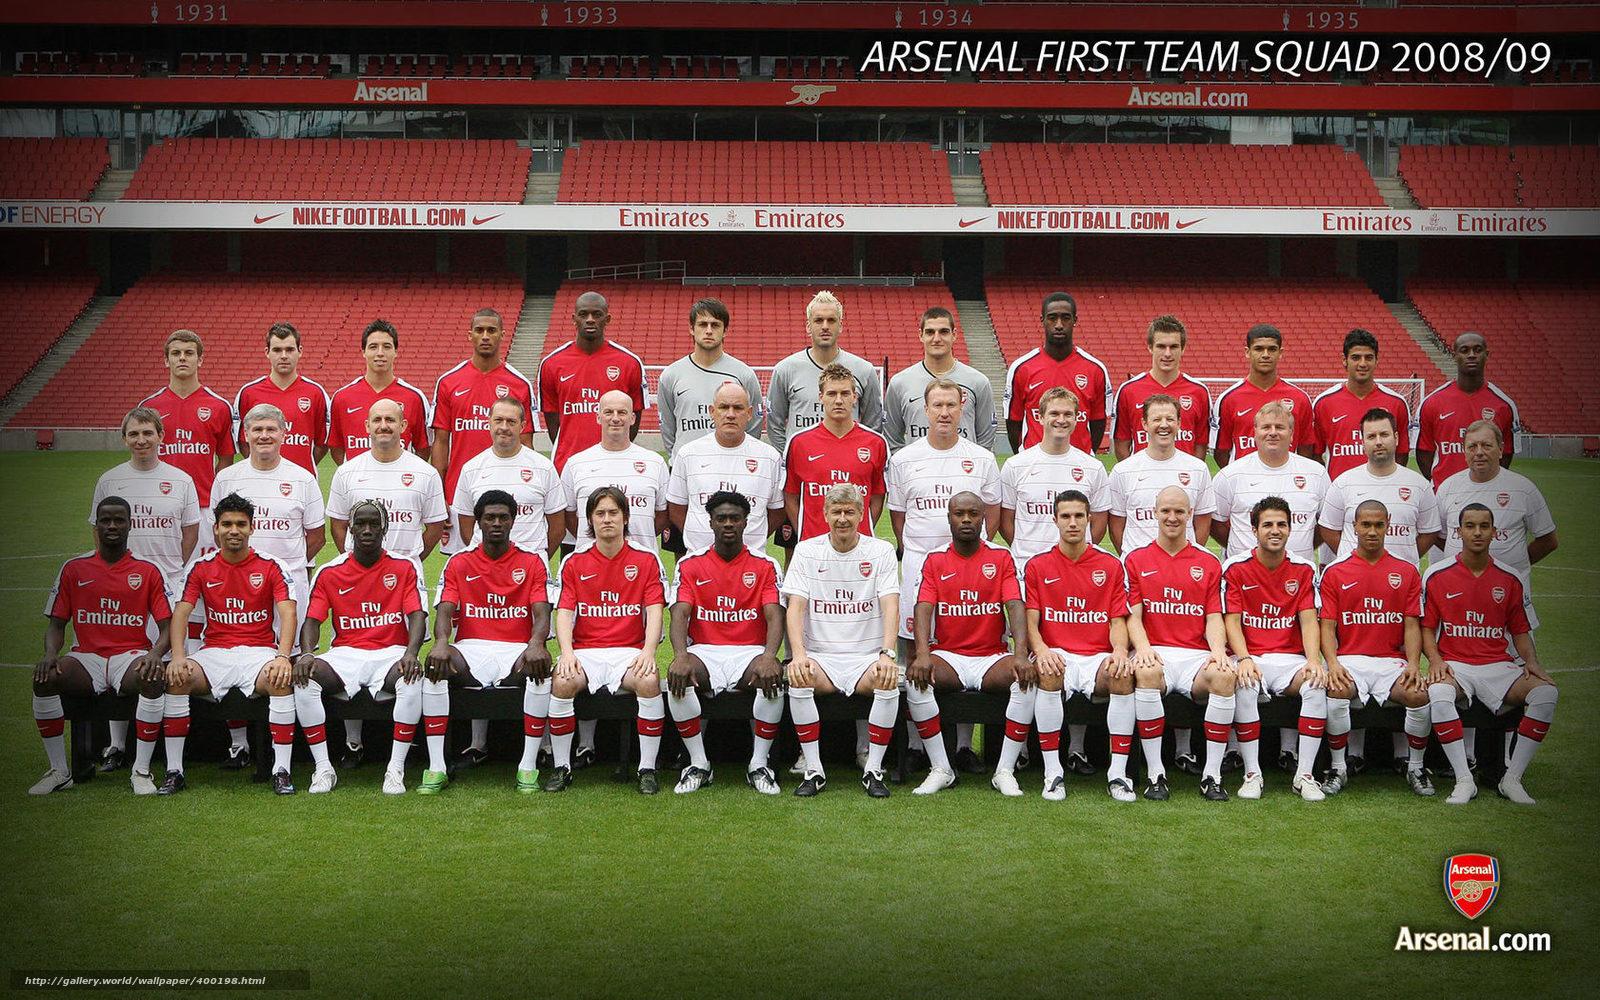 Арсенал лондон скачати фото